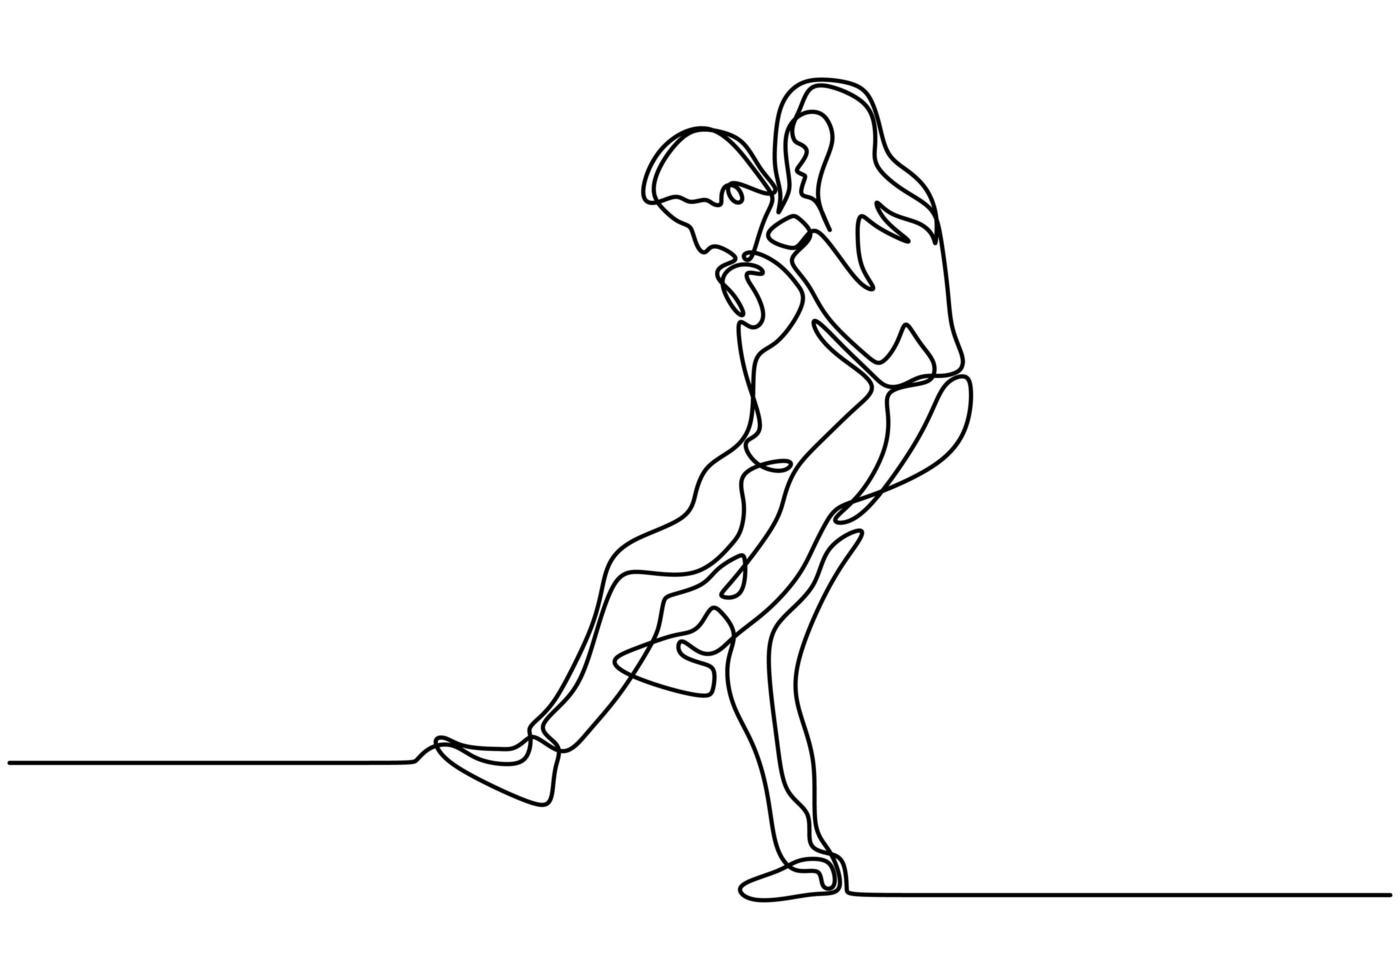 disegno in linea continua. coppia romantica. amanti tema concept design. minimalismo disegnato a mano. metafora dell'illustrazione di vettore di amore, ragazza che trasporta uomo isolata su priorità bassa bianca.